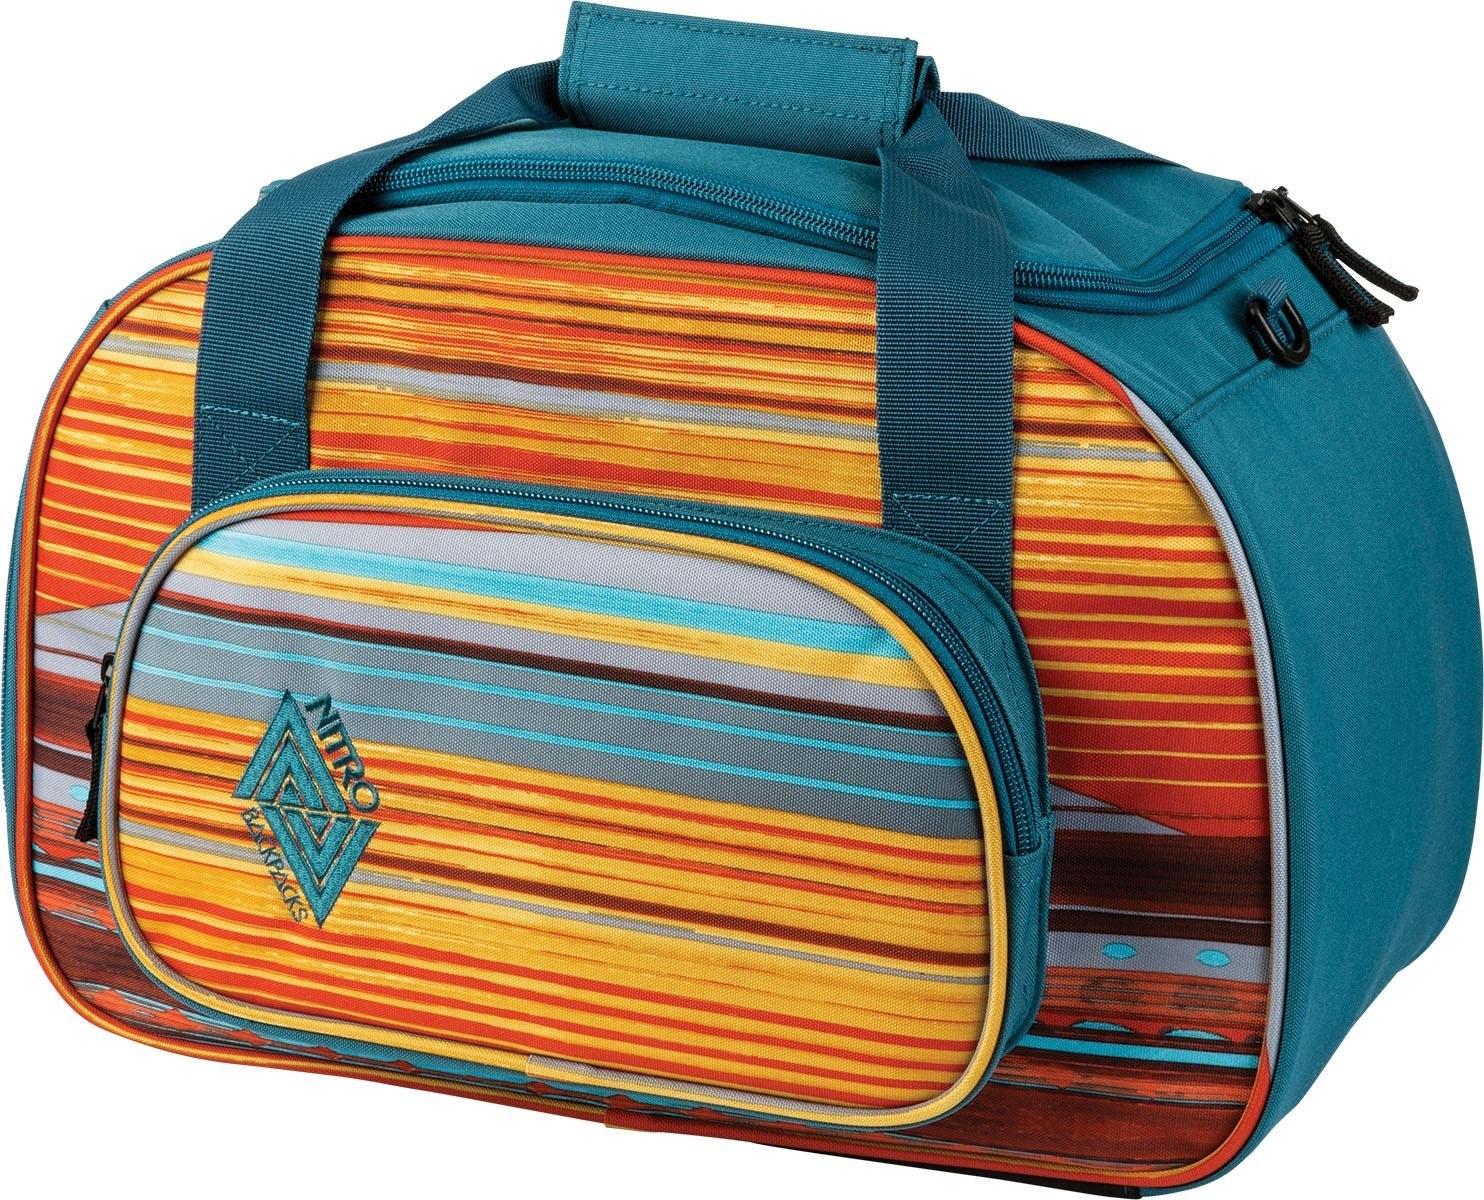 NITRO reistas, »Duffle Bag XS Canyon« voordelig en veilig online kopen